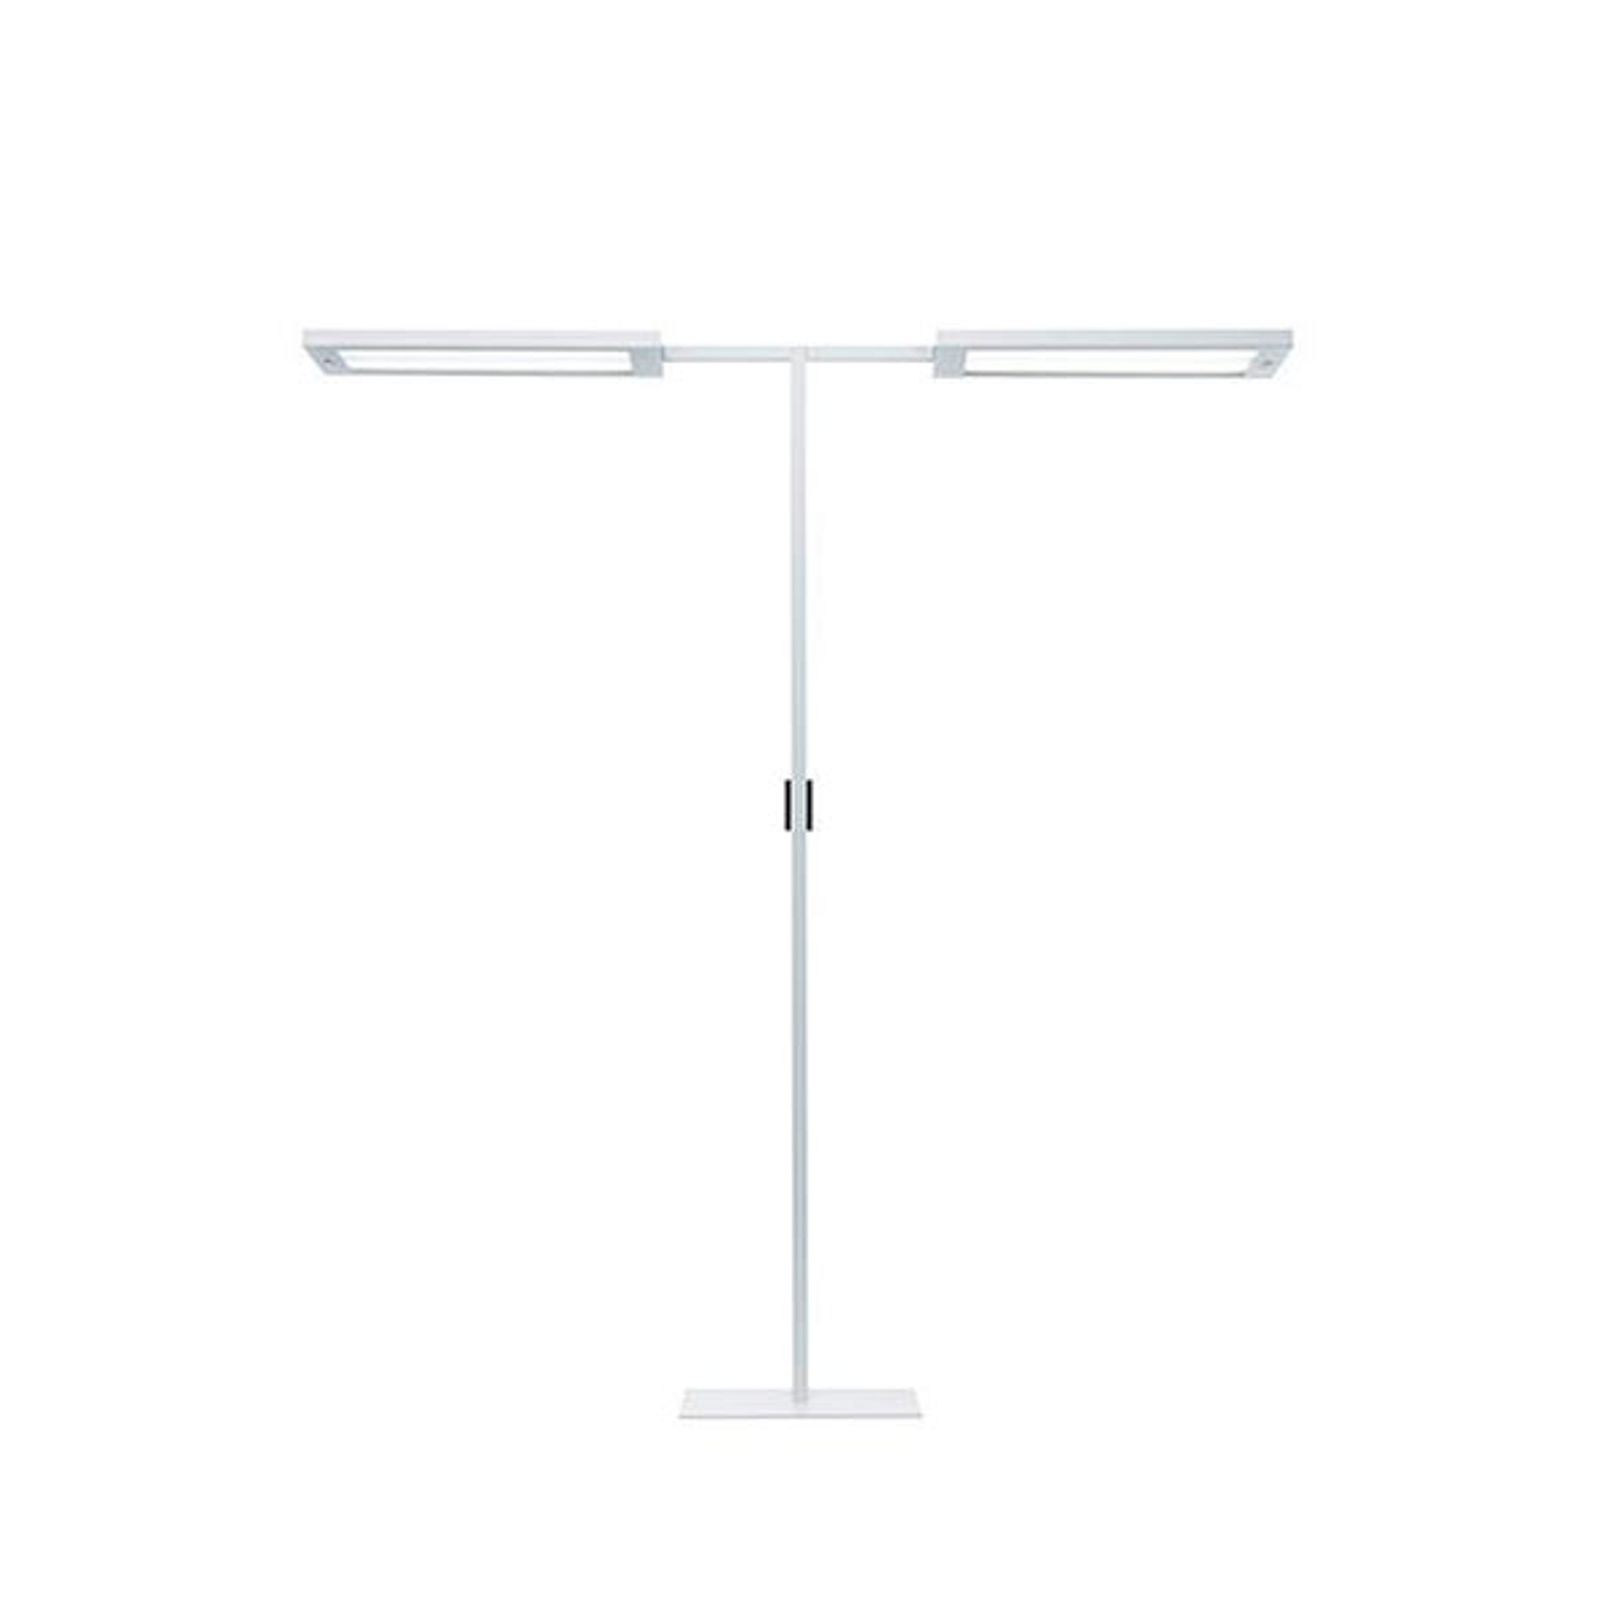 LED-Stehlampe Lavigo DPS 26000 224W, 4.000K, weiß